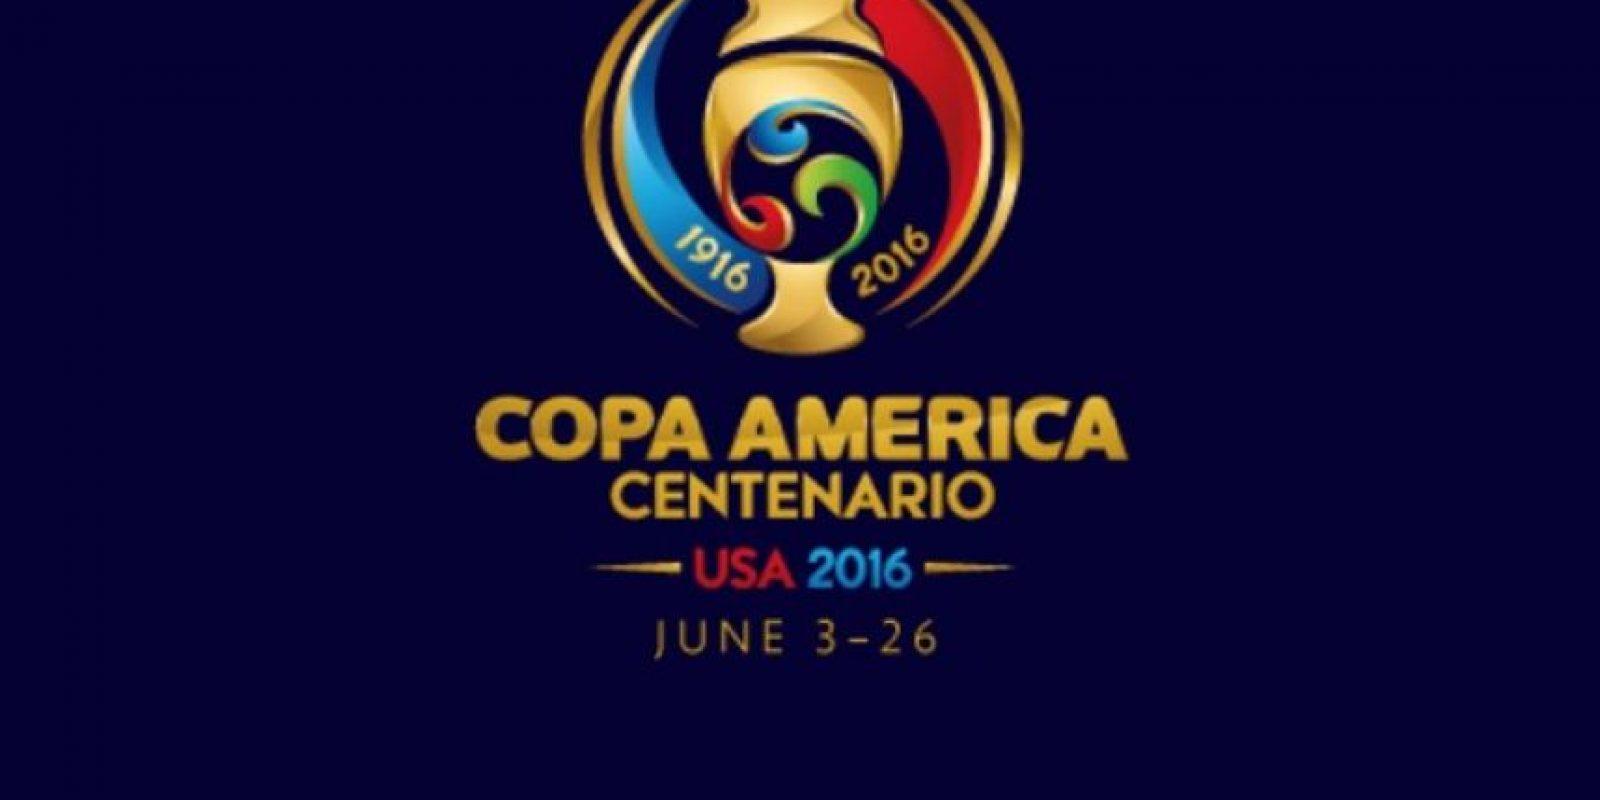 El torneo se realizará en Estados Unidos. Foto:Vía instagram.com/copaamericacentenario